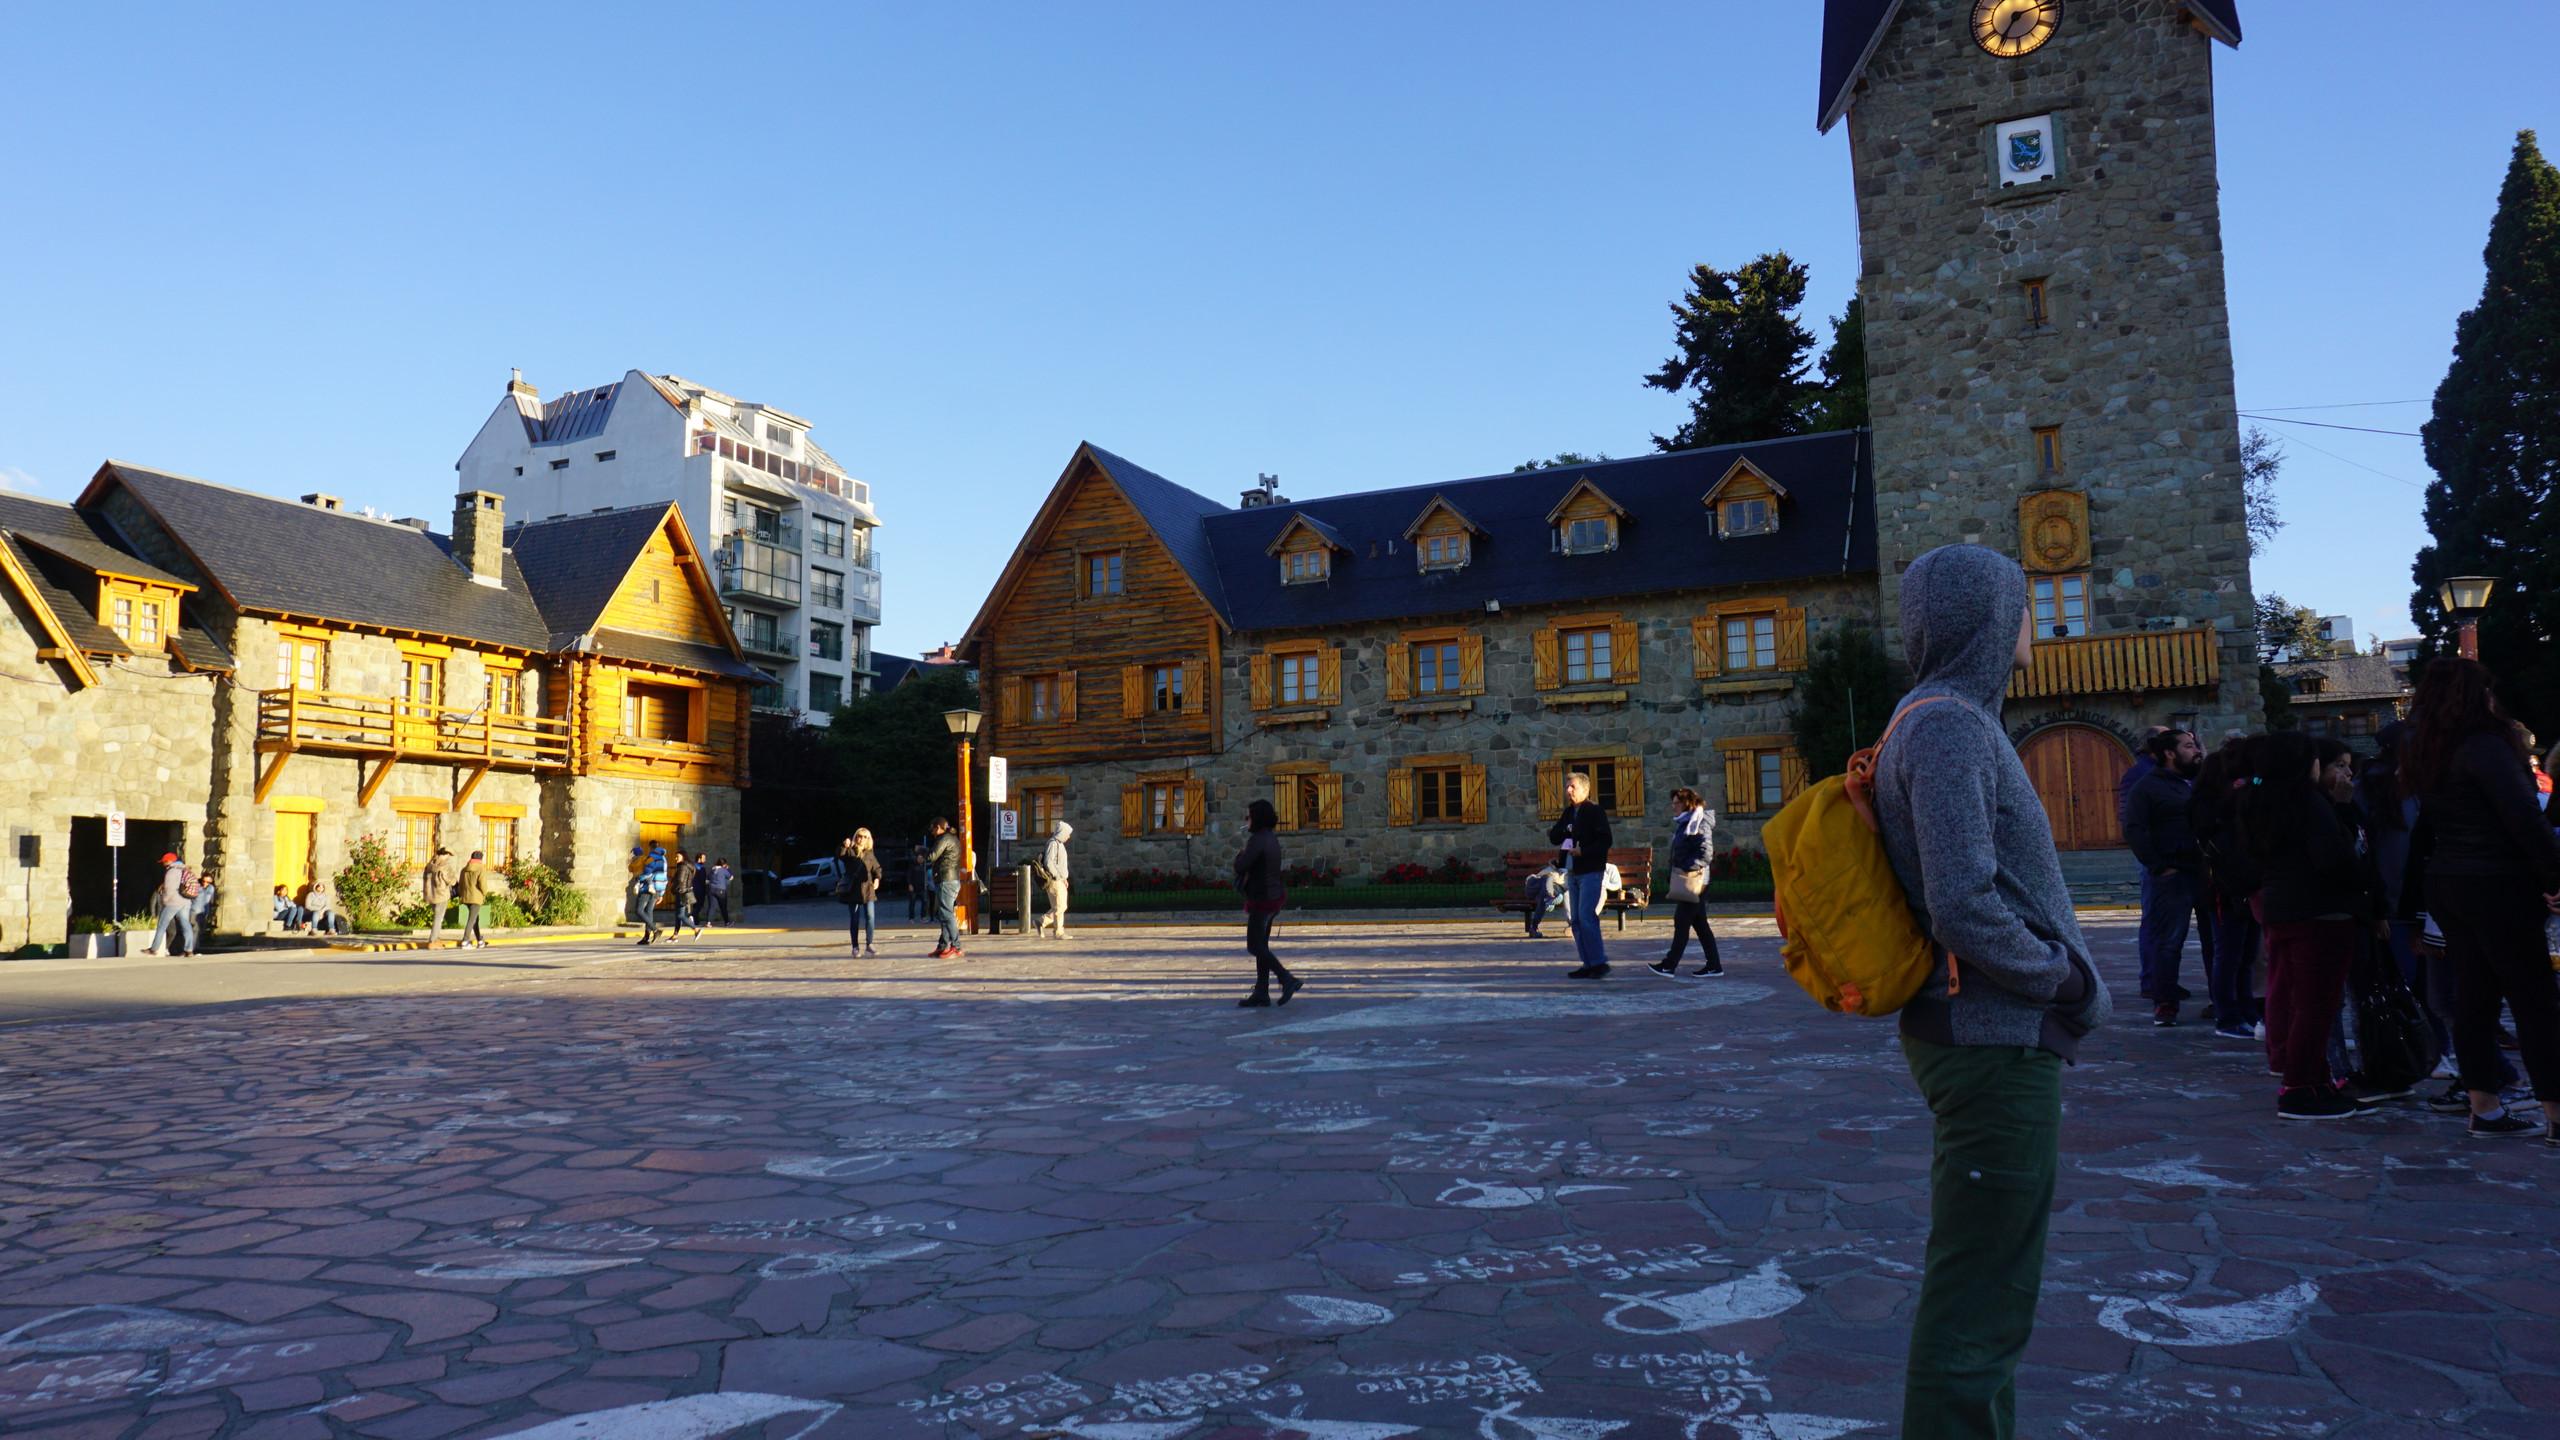 Bariloche's European inspired architecture